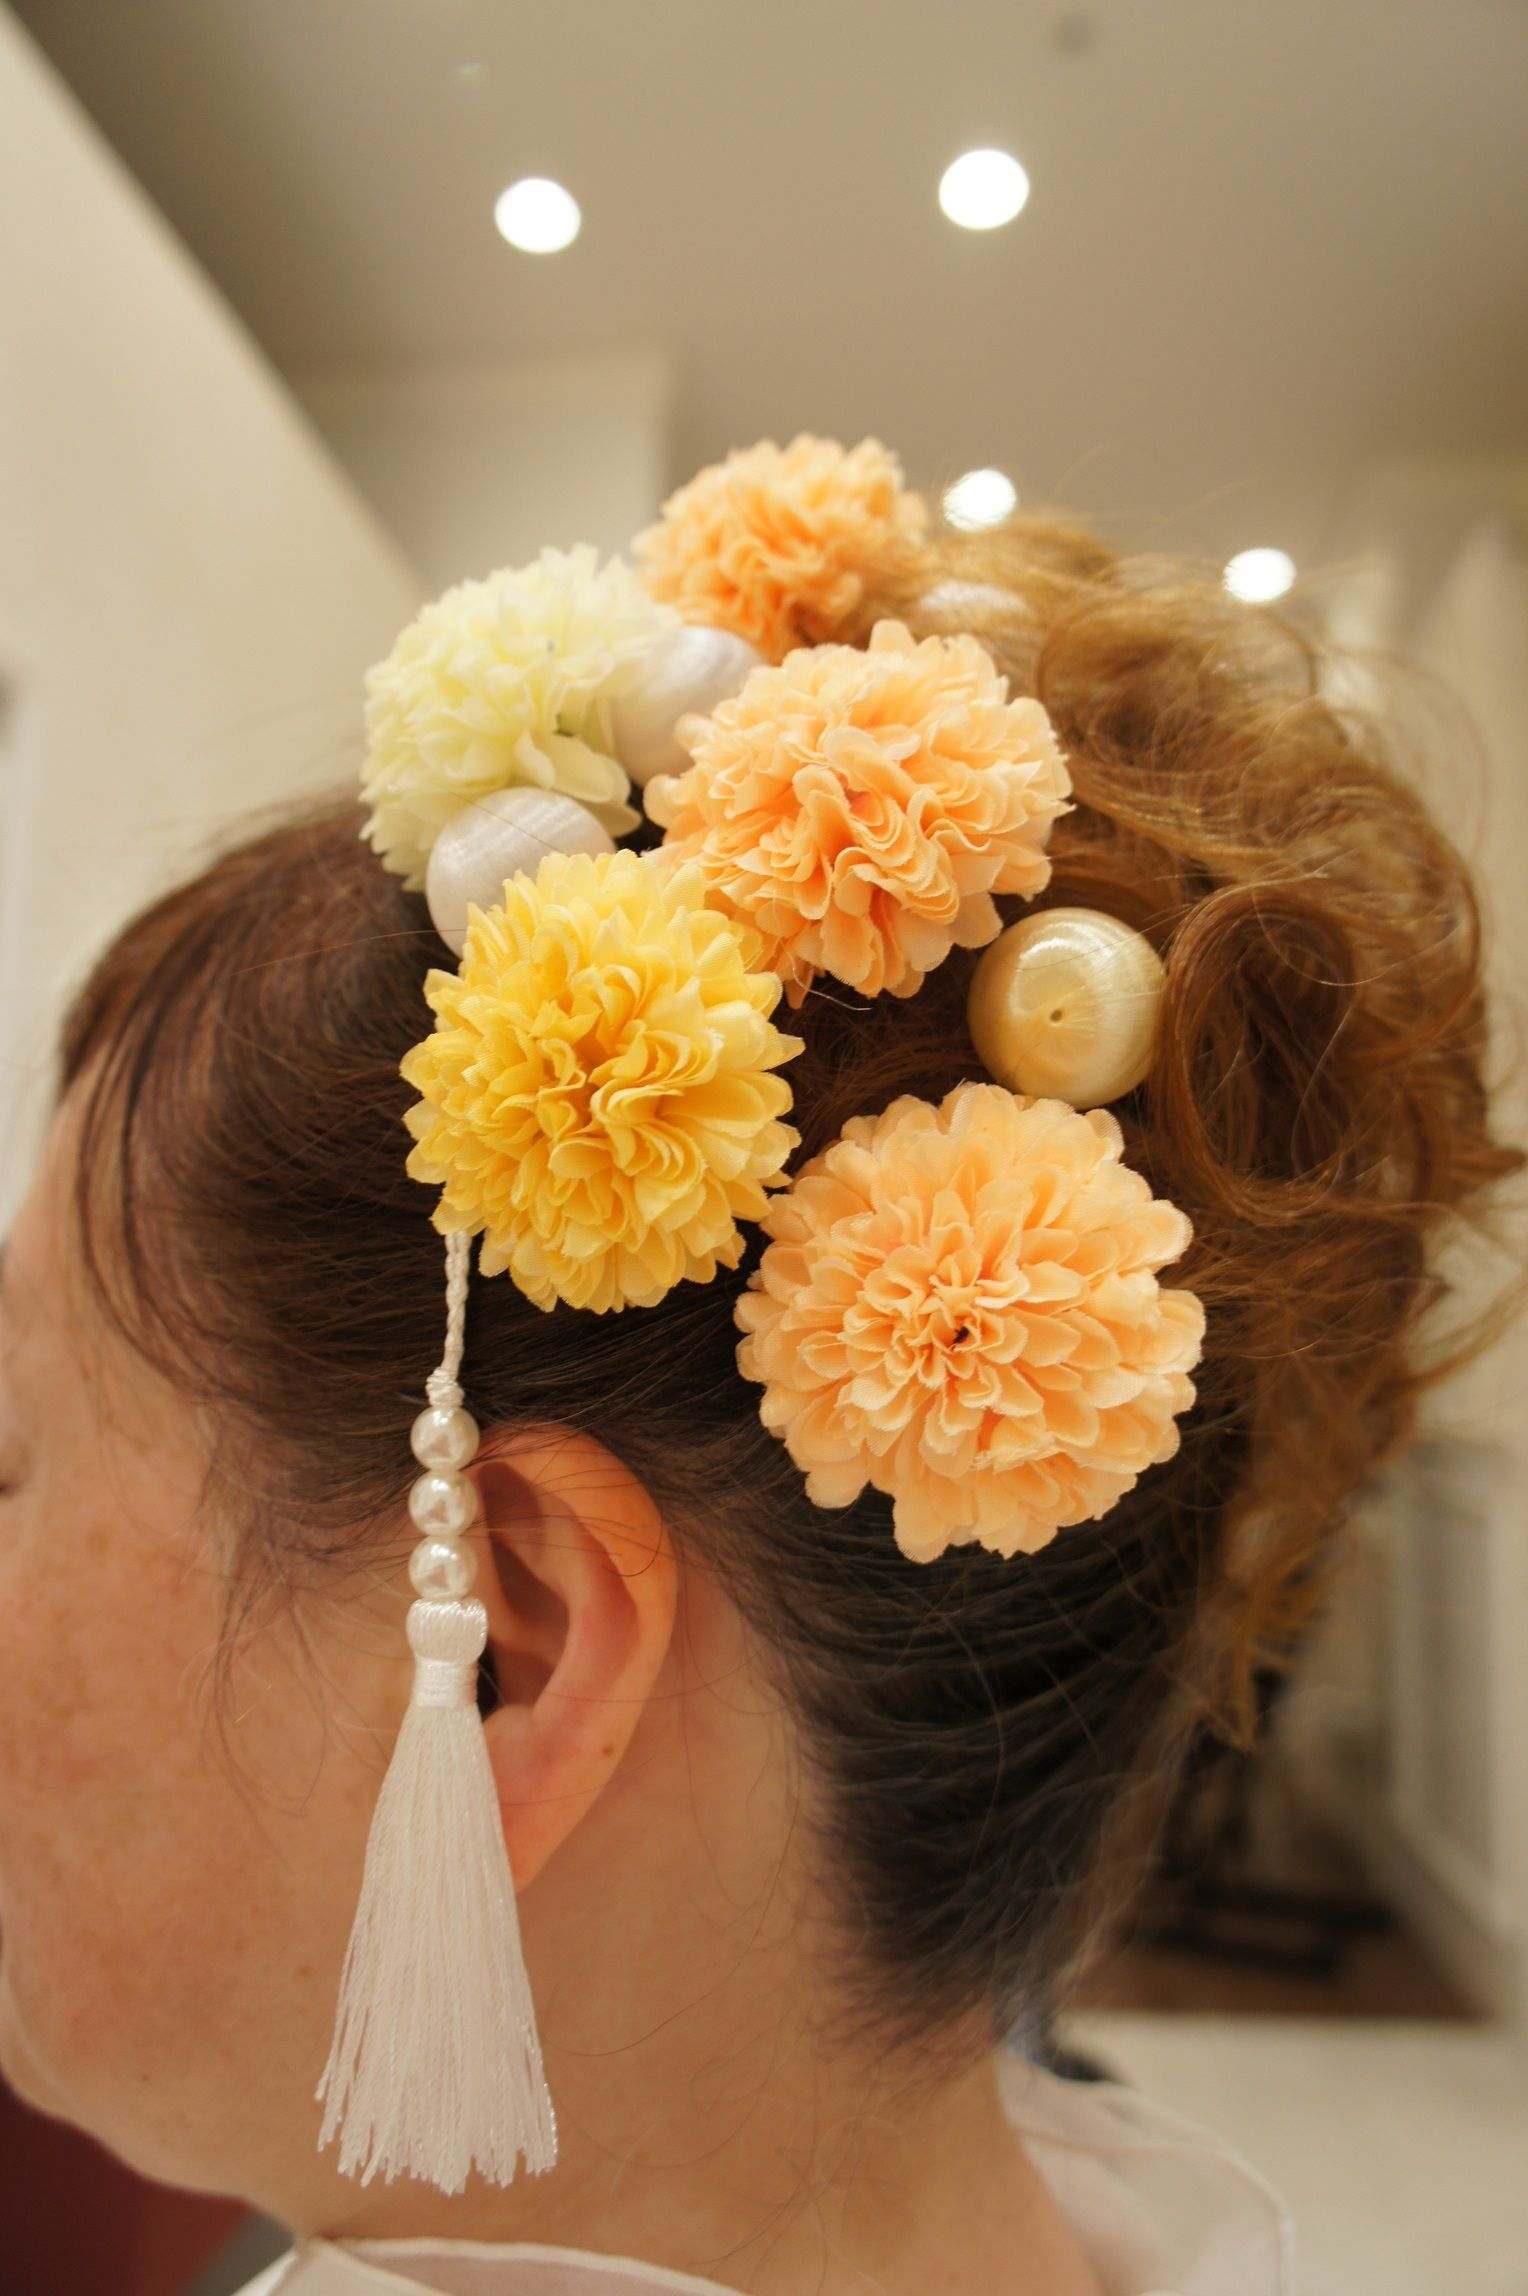 ビタミンカラーマムのティアラ風ヘッドドレス~Tiare du chrysanth?me~